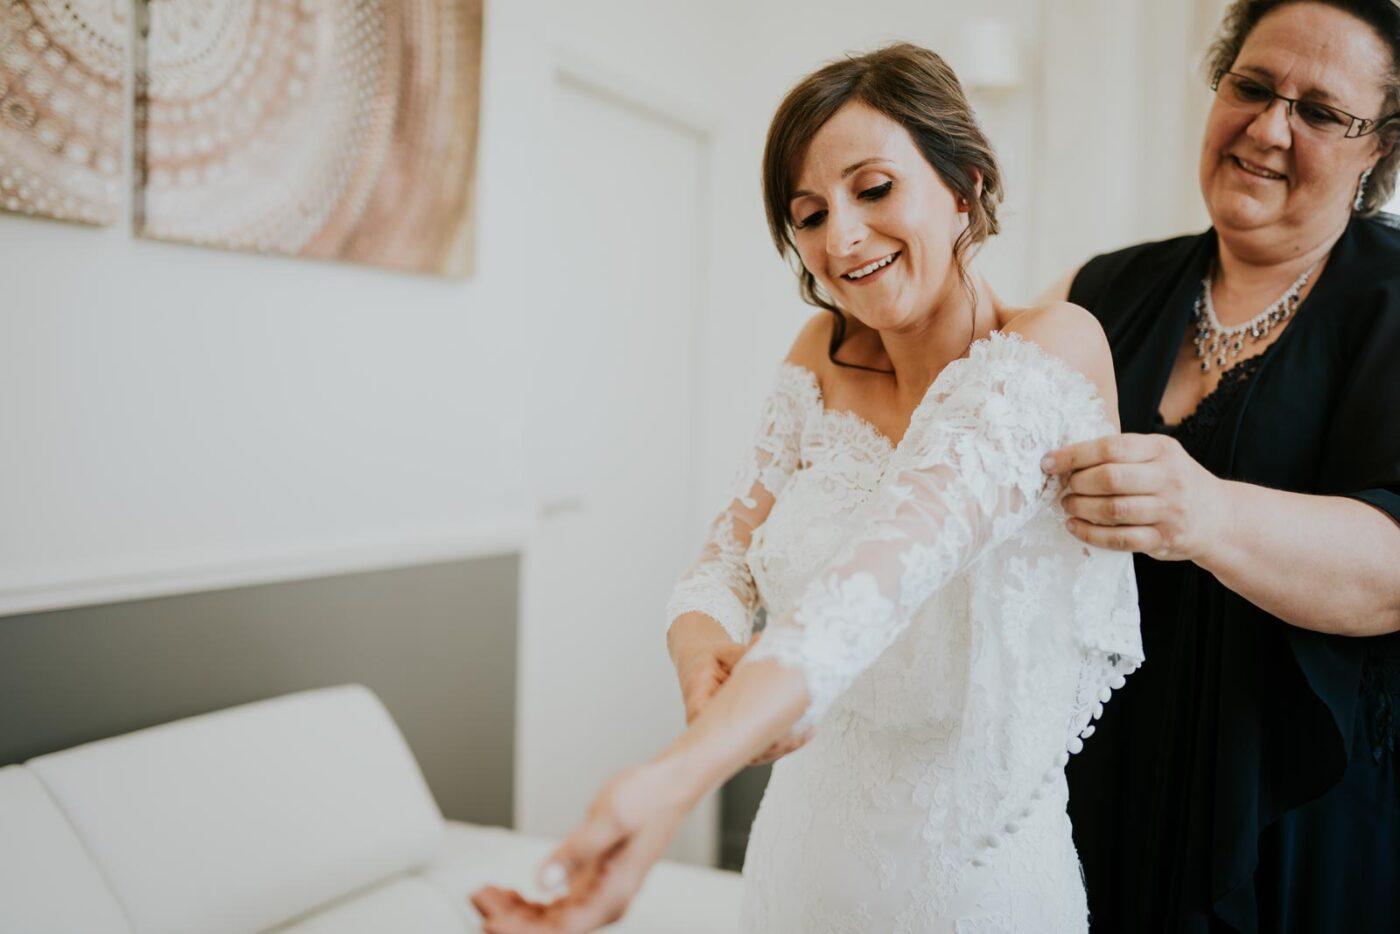 Le sourire revient - photographe de mariage.